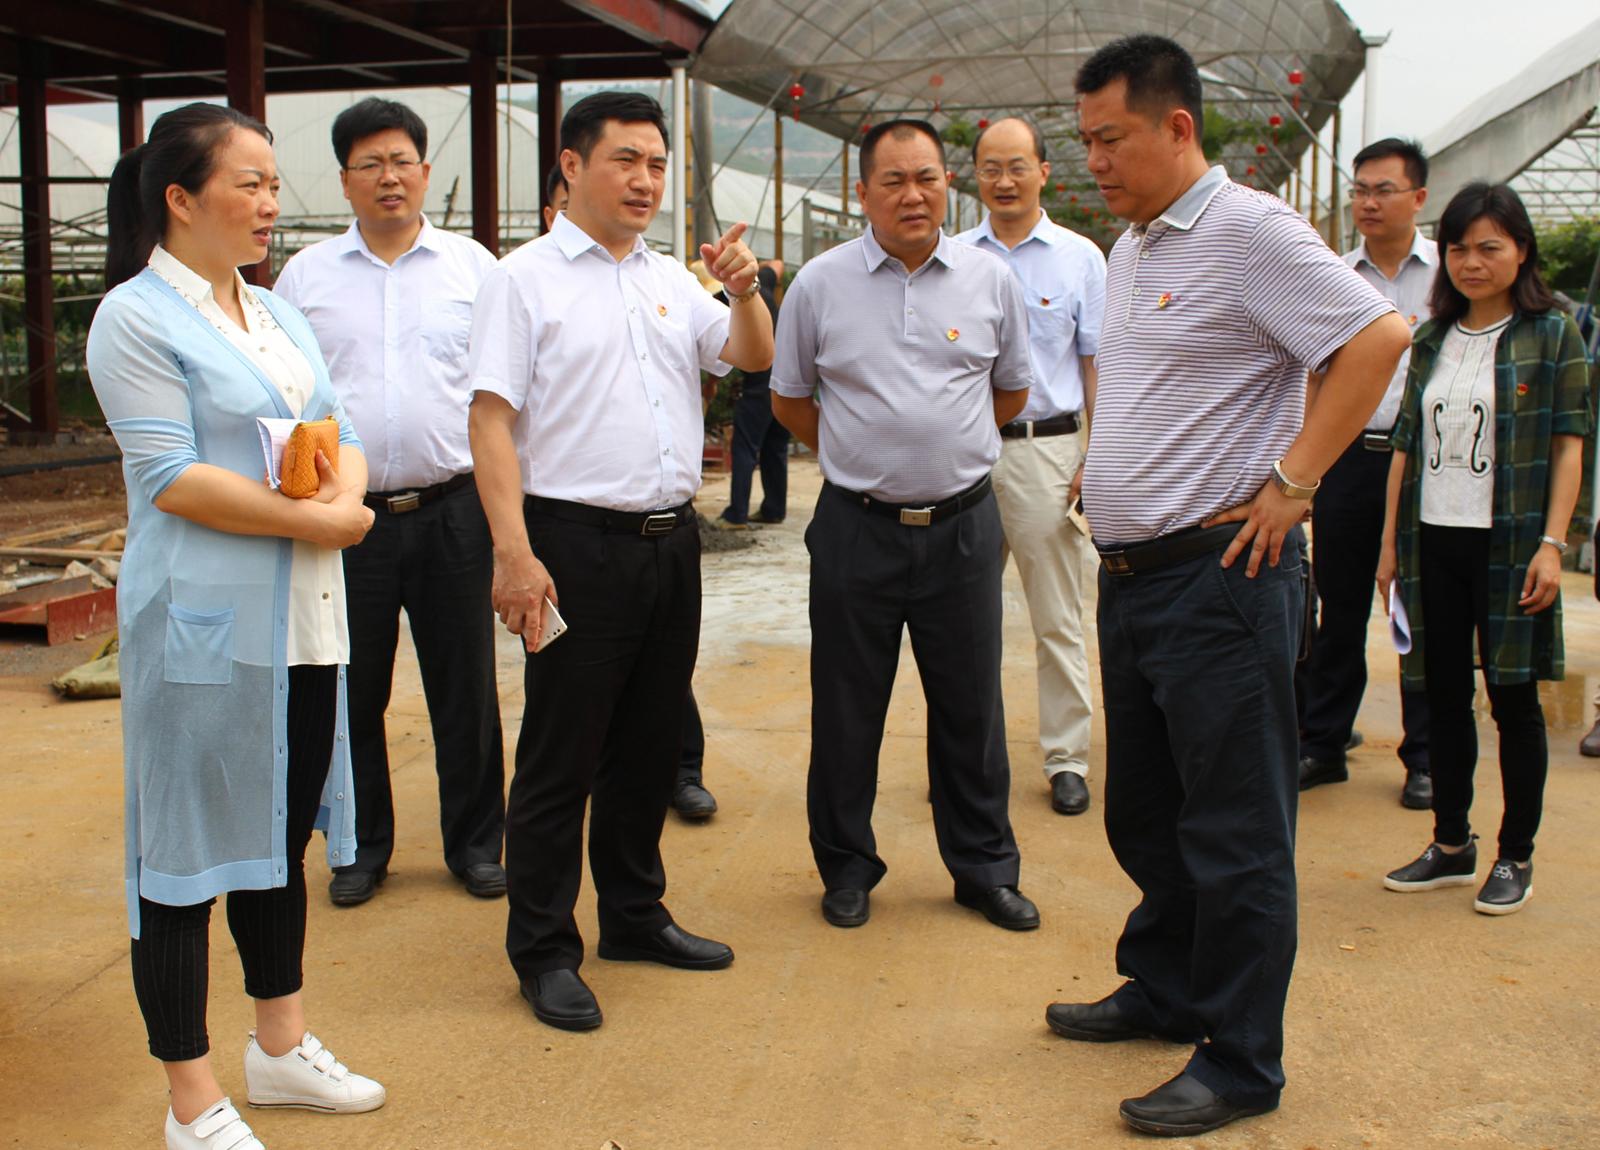 鹿寨:加快推进全区县域经济发展大会考察点建设工作